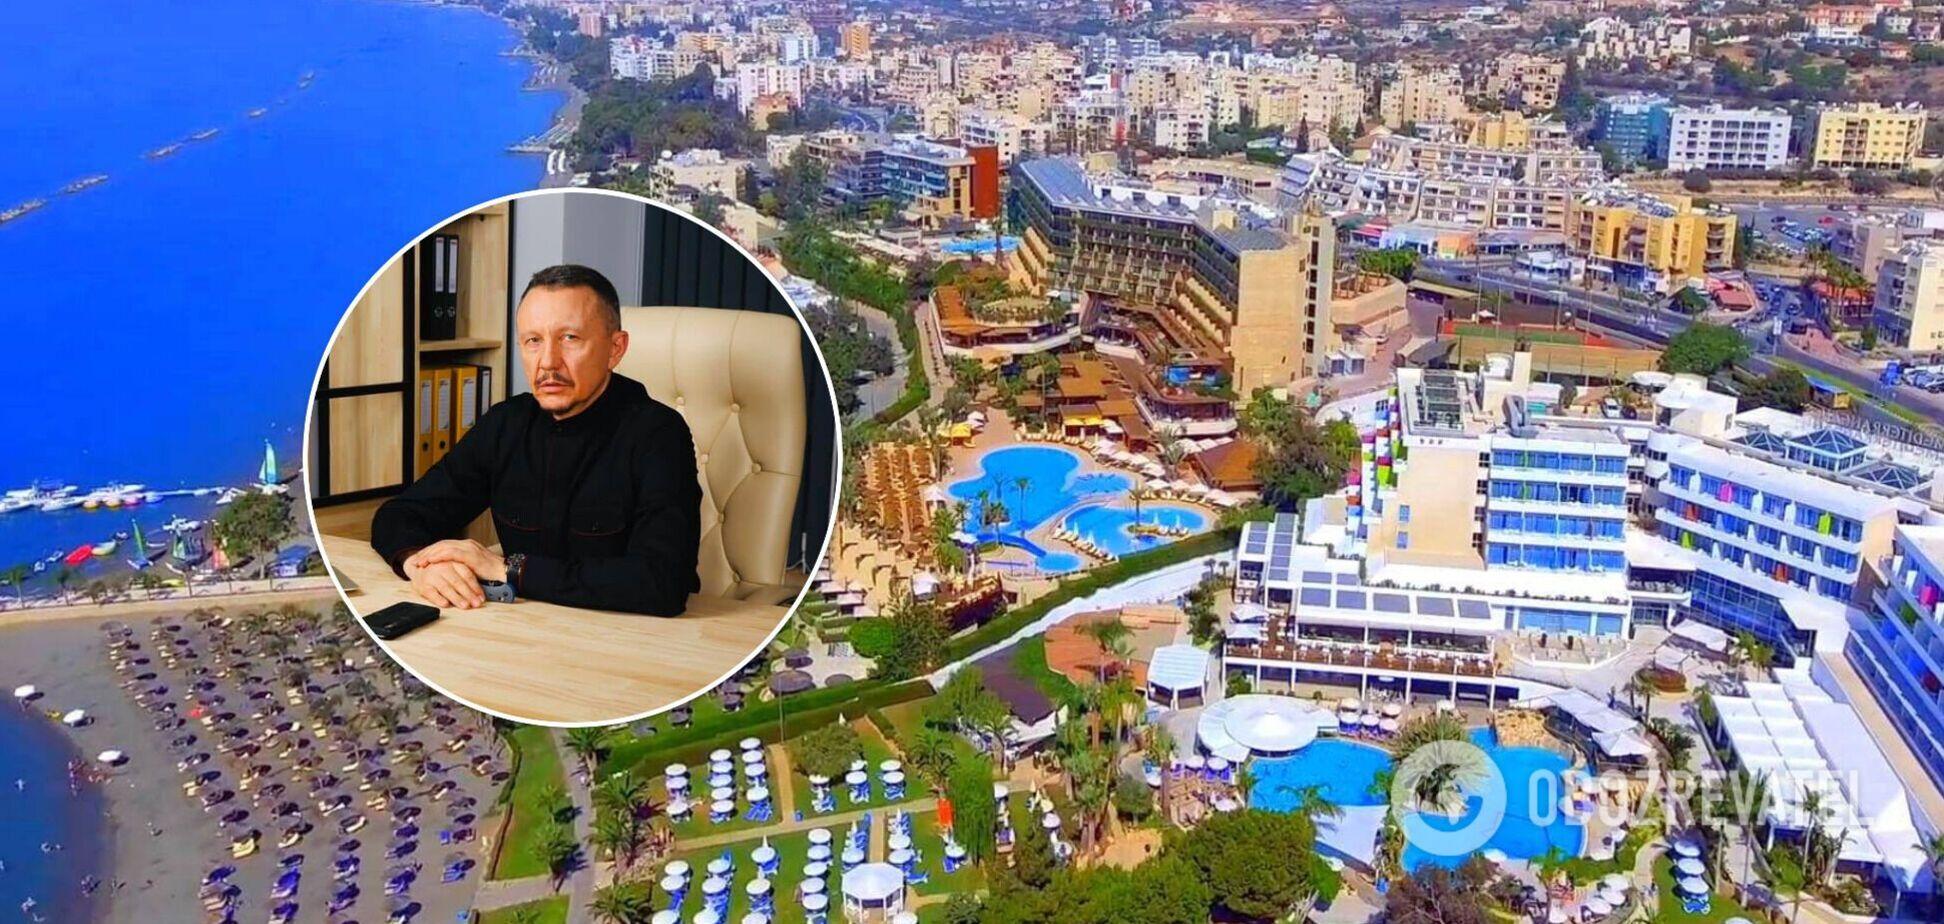 Шлычков тратит деньги на Кипре